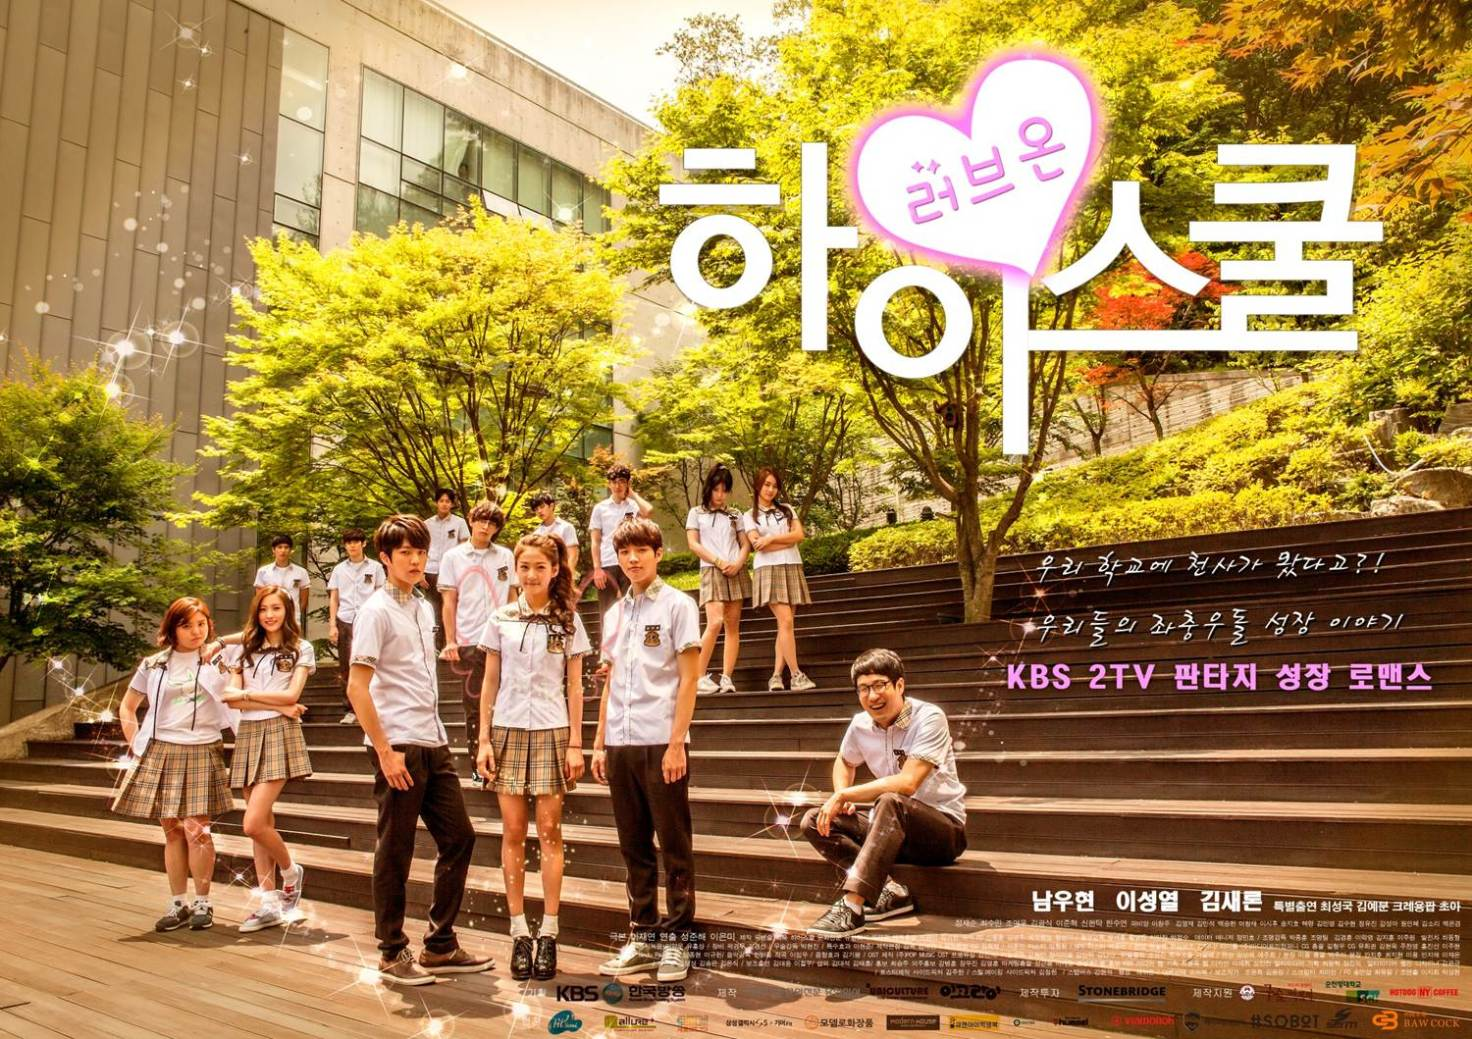 «Дорамы Корейские Про Школу И Любовь Смотреть Онлайн» — 2008